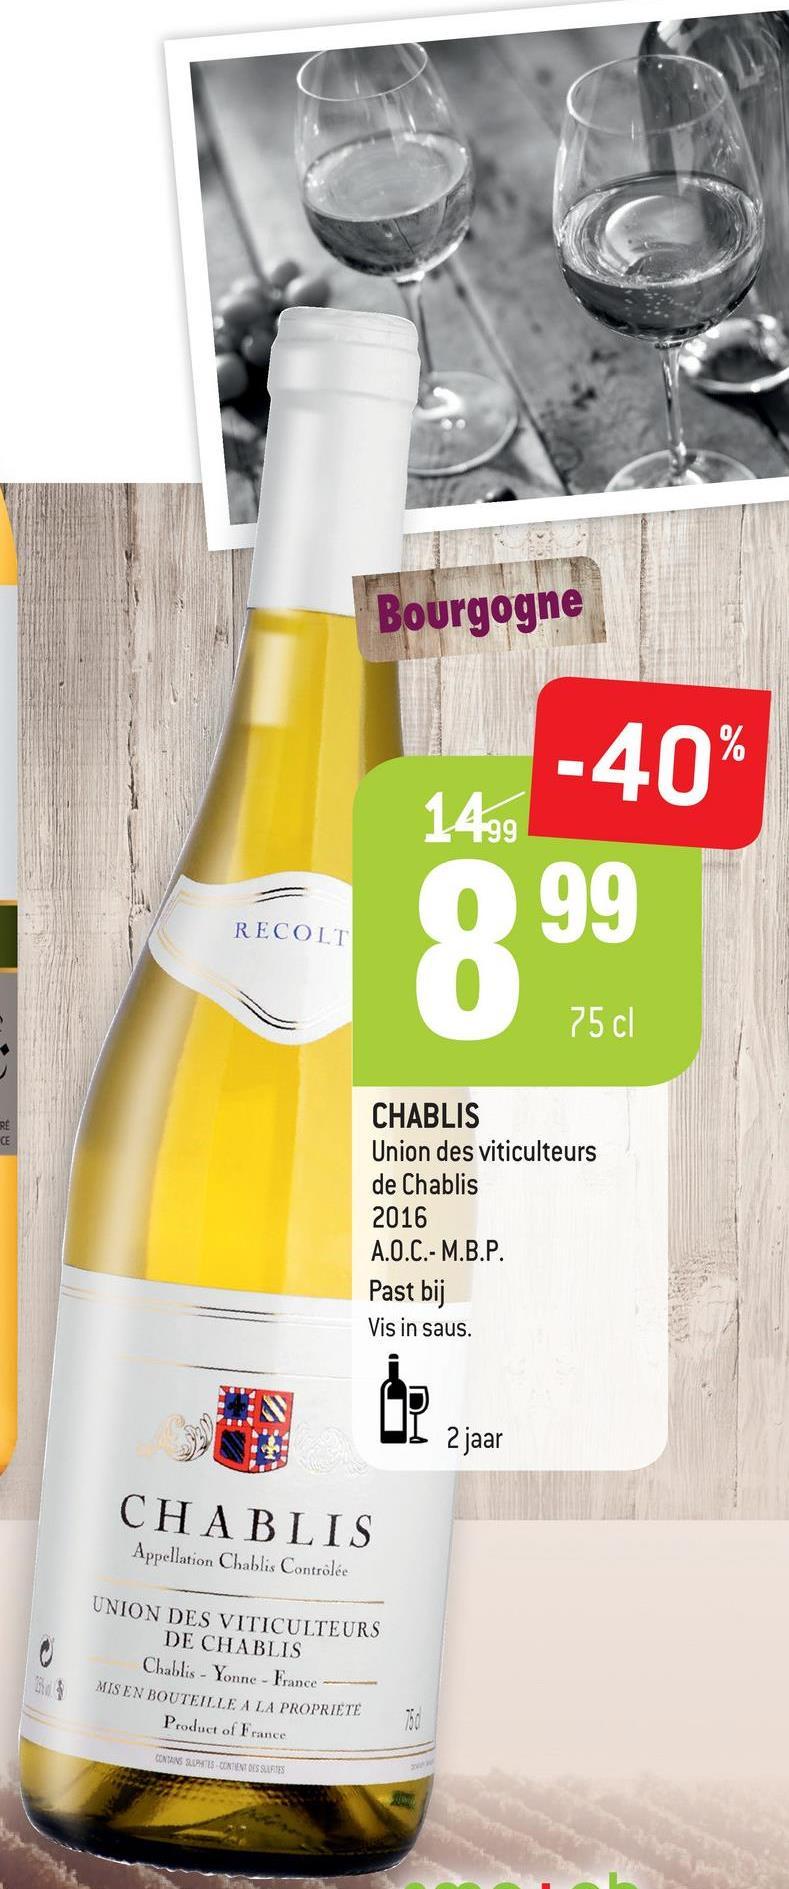 Bourgogne -40% 1499 g9 RECOLT 75cl CHABLIS Union des viticulteurs de Chablis 2016 A.O.C.- M.B.P. Past bij Vis in saus. P zjaar CHABLIS Appellation Chablis Contrôlée UNION DES VITICULTEURS DE CHABLIS Chablis - Yonne - France MIS EN BOUTEILLE A LA PROPRIETE Product of France CONTAINS PEUS CORREDES SLLFIES